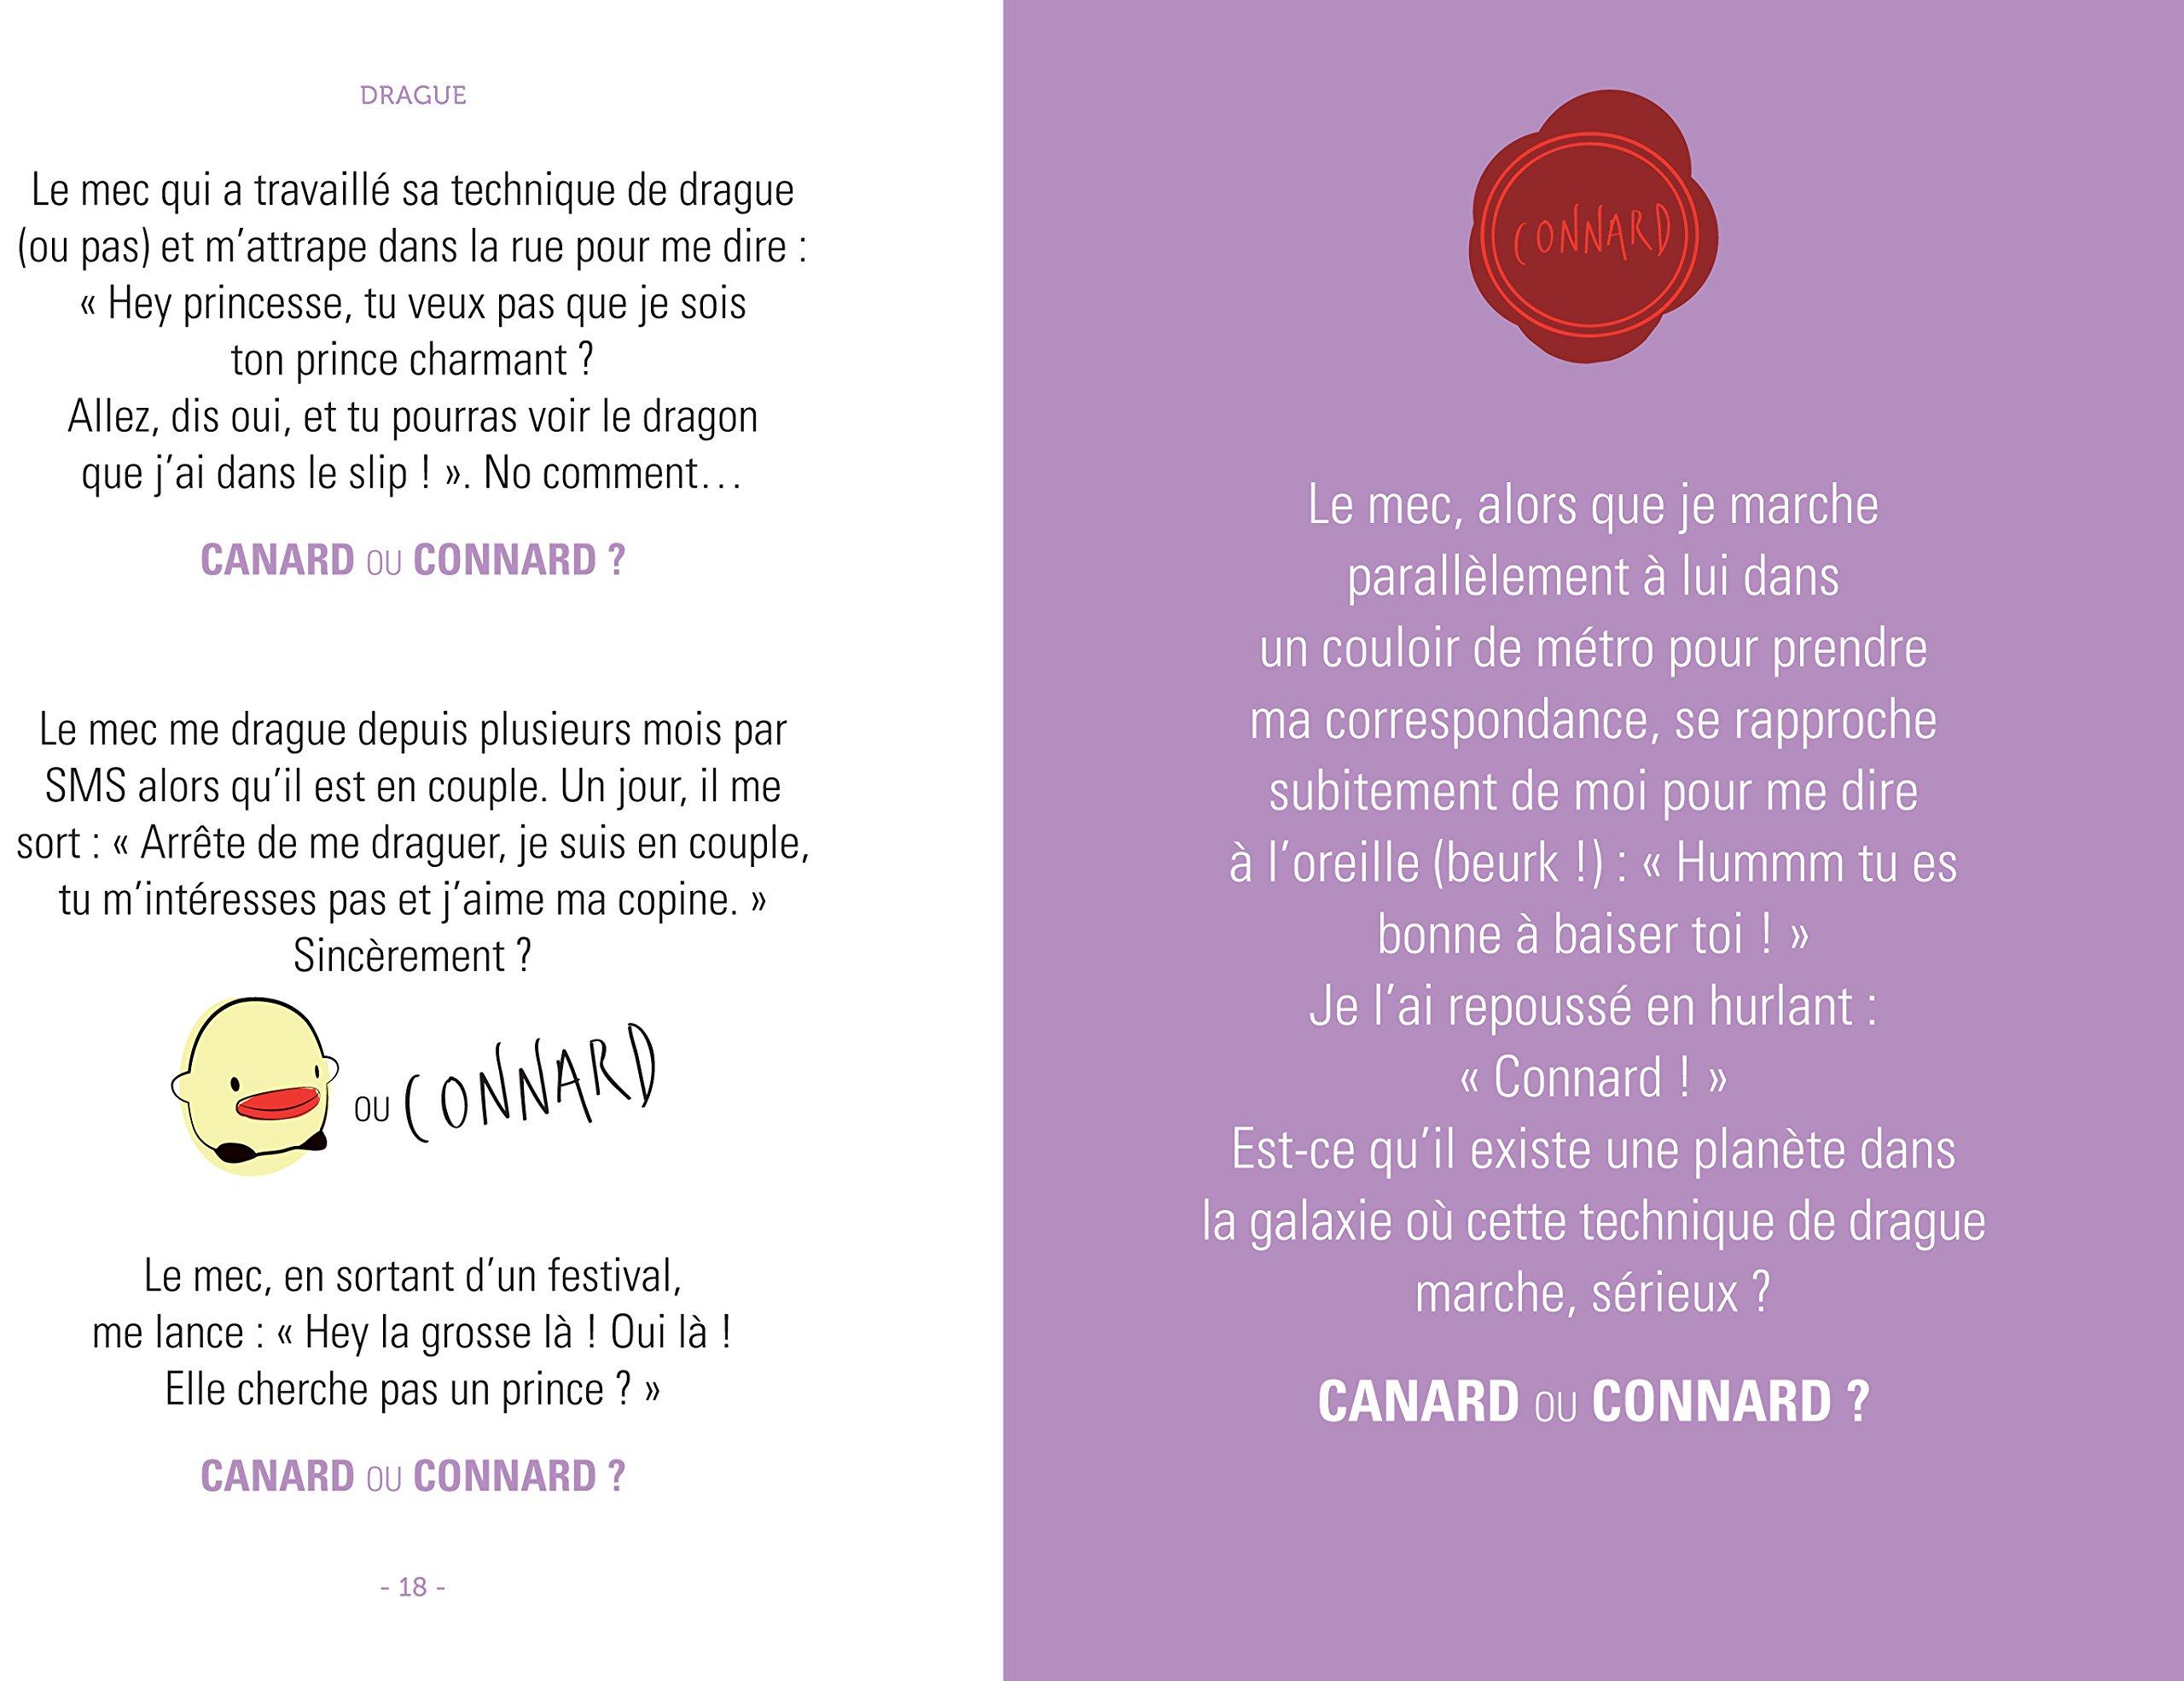 5 meilleurs sites de rencontre et applis pour trouver l'amour en ligne - mori-shiba.fr